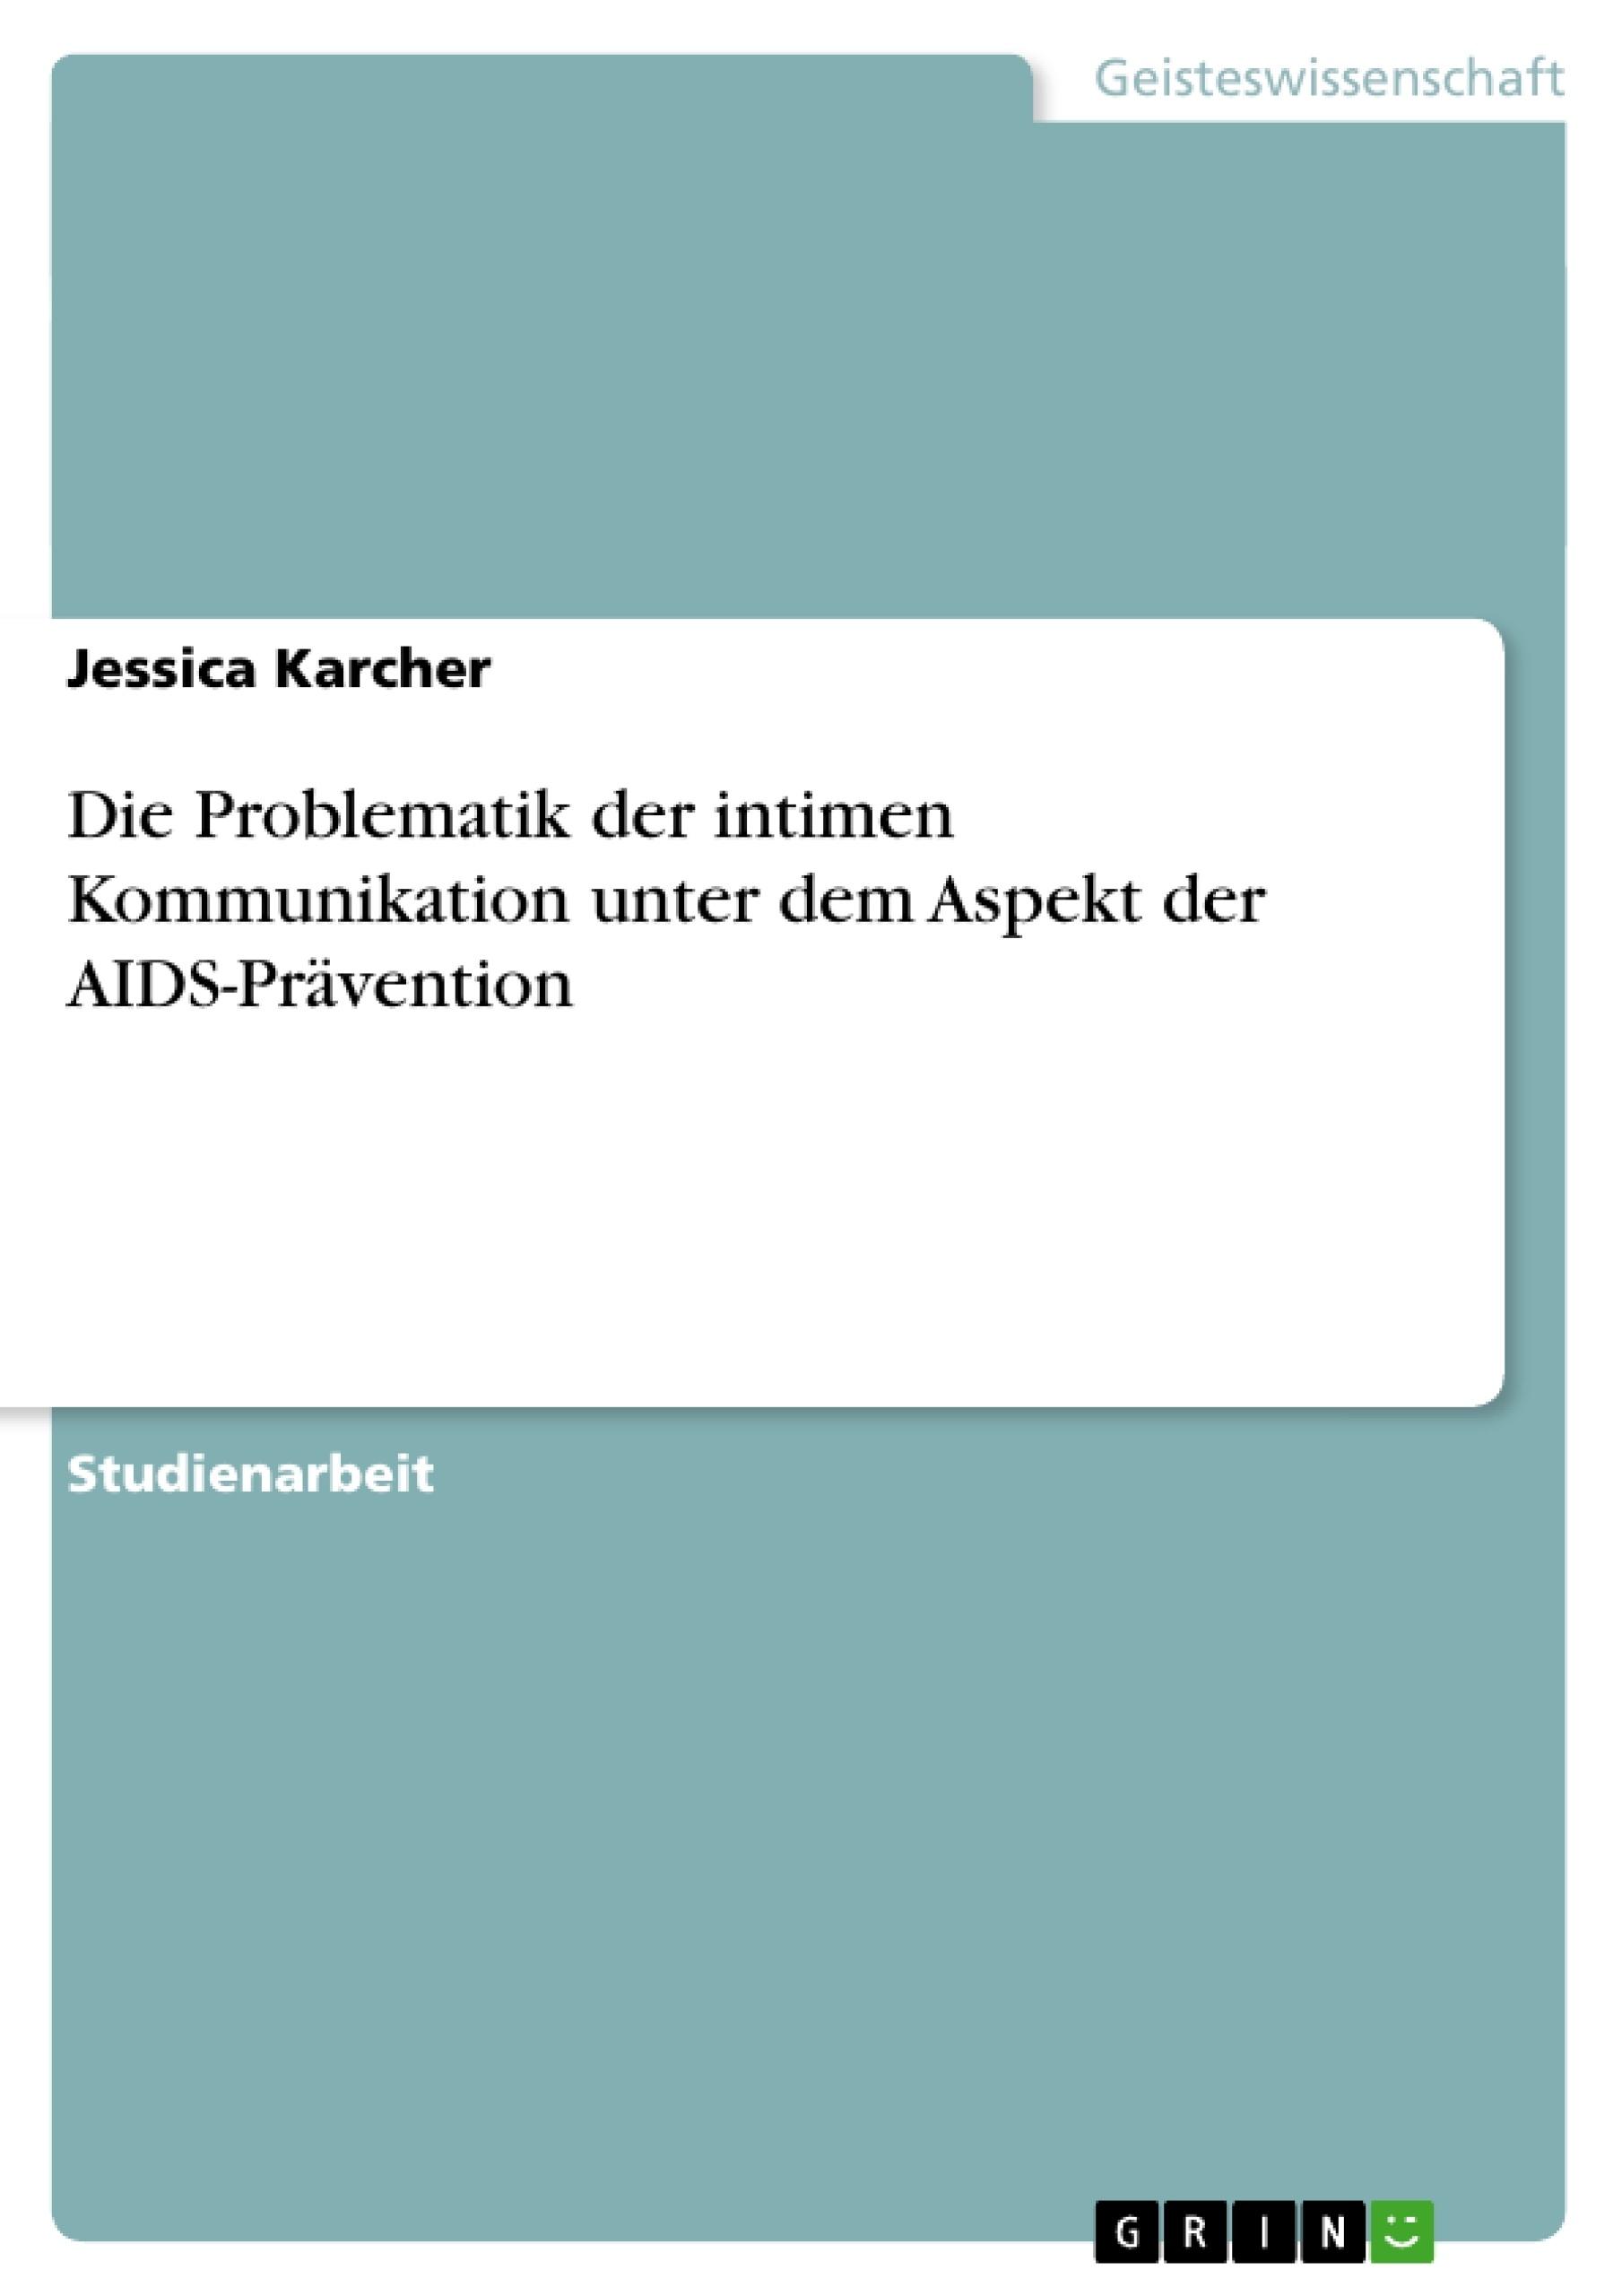 Titel: Die Problematik der intimen Kommunikation unter dem Aspekt der AIDS-Prävention